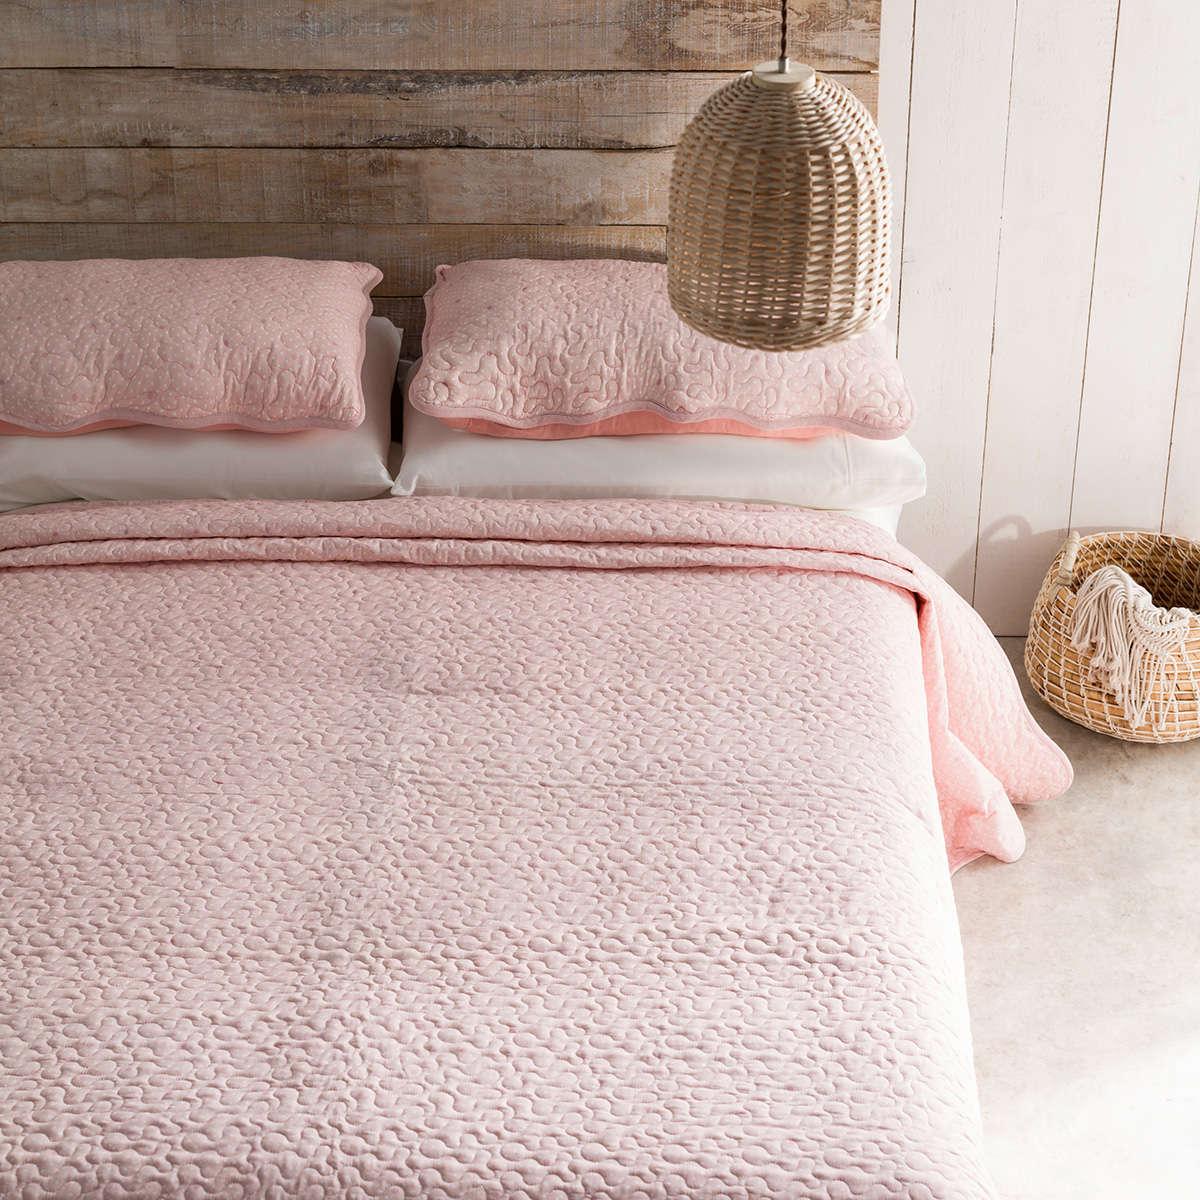 Κουβερλί Σετ 3τμχ Pindot Peach Pink 526A/25 Gofis Home Υπέρδιπλo 220x240cm